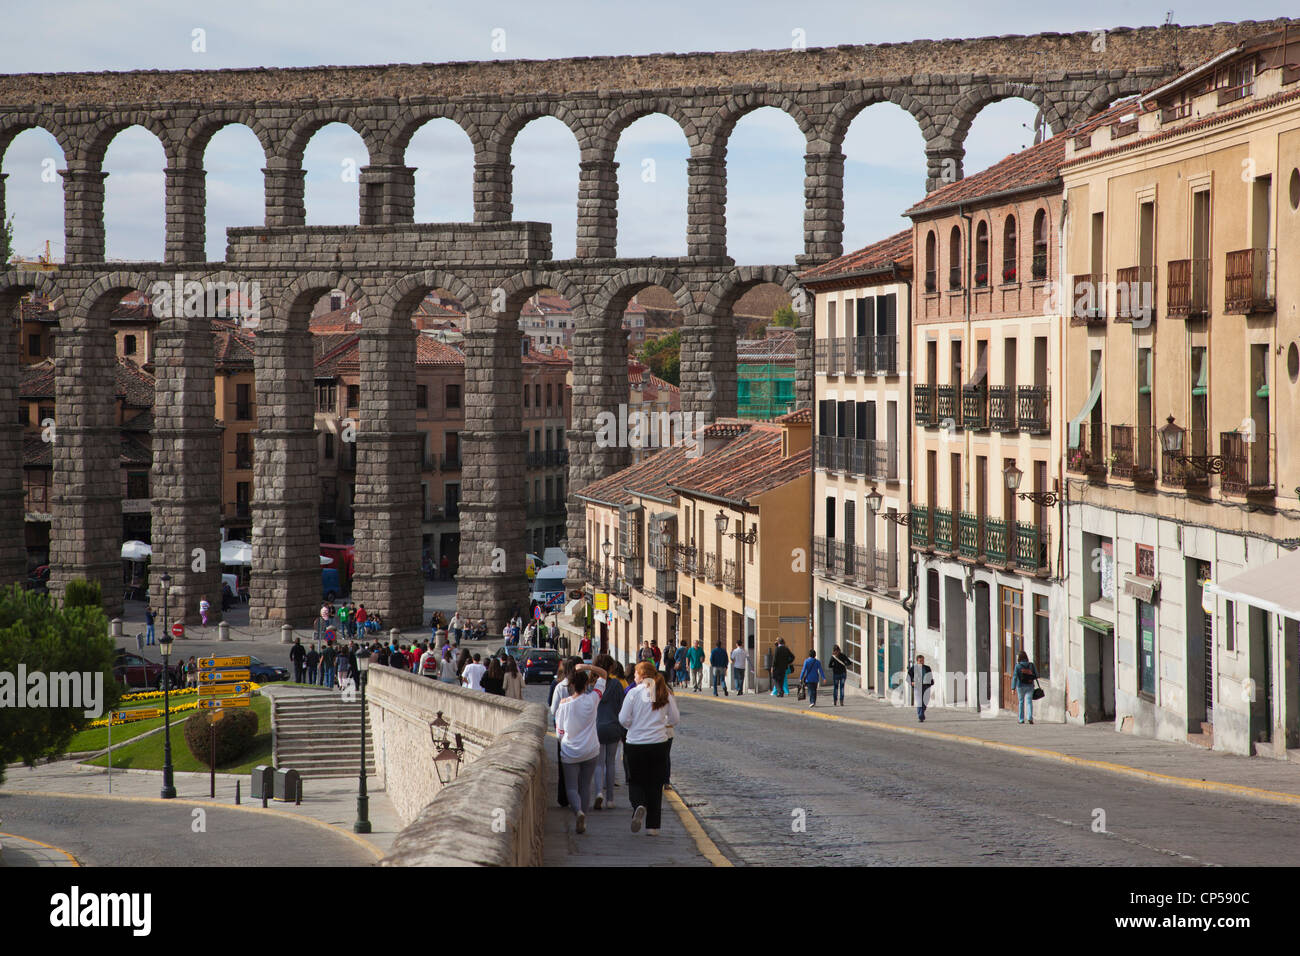 Spain, Castilla y Leon Region, Segovia Province, Segovia, El Acueducto, Roman aqueduct towards Plaza de la Artilleria - Stock Image